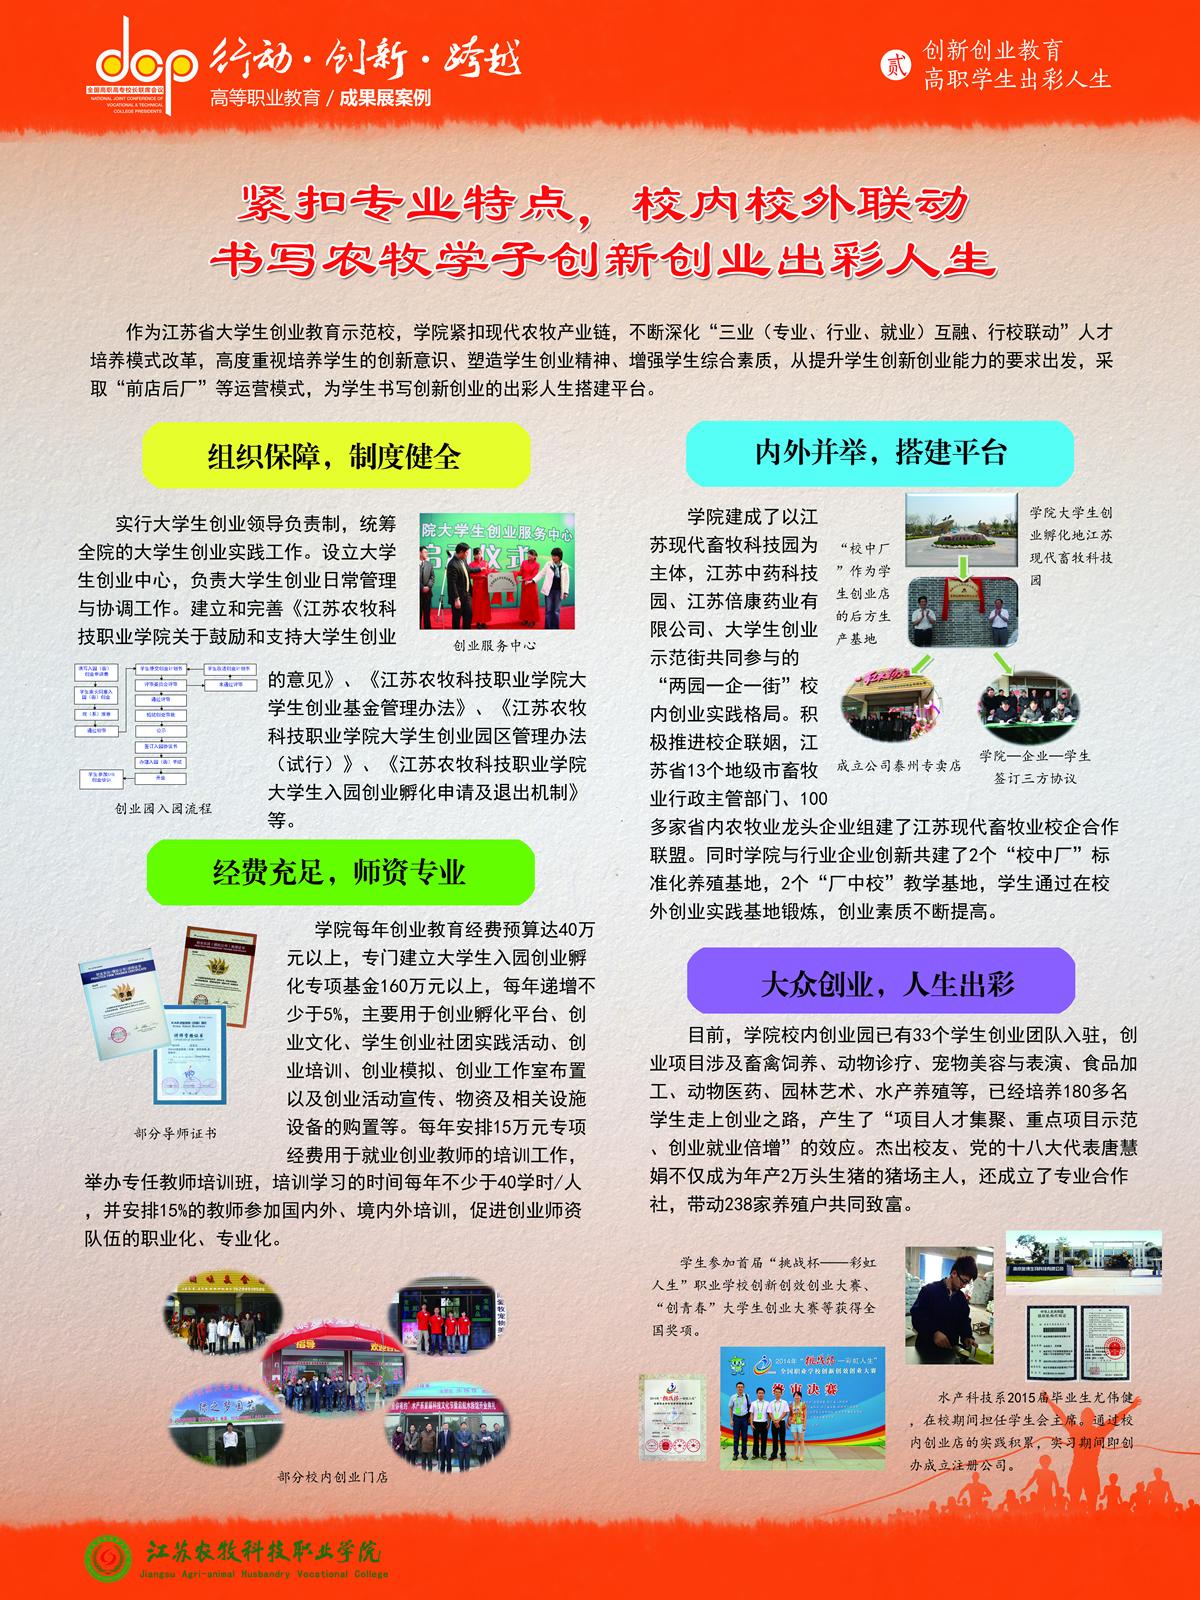 江苏农牧科技职业学院+宣传展板+创新创业教育